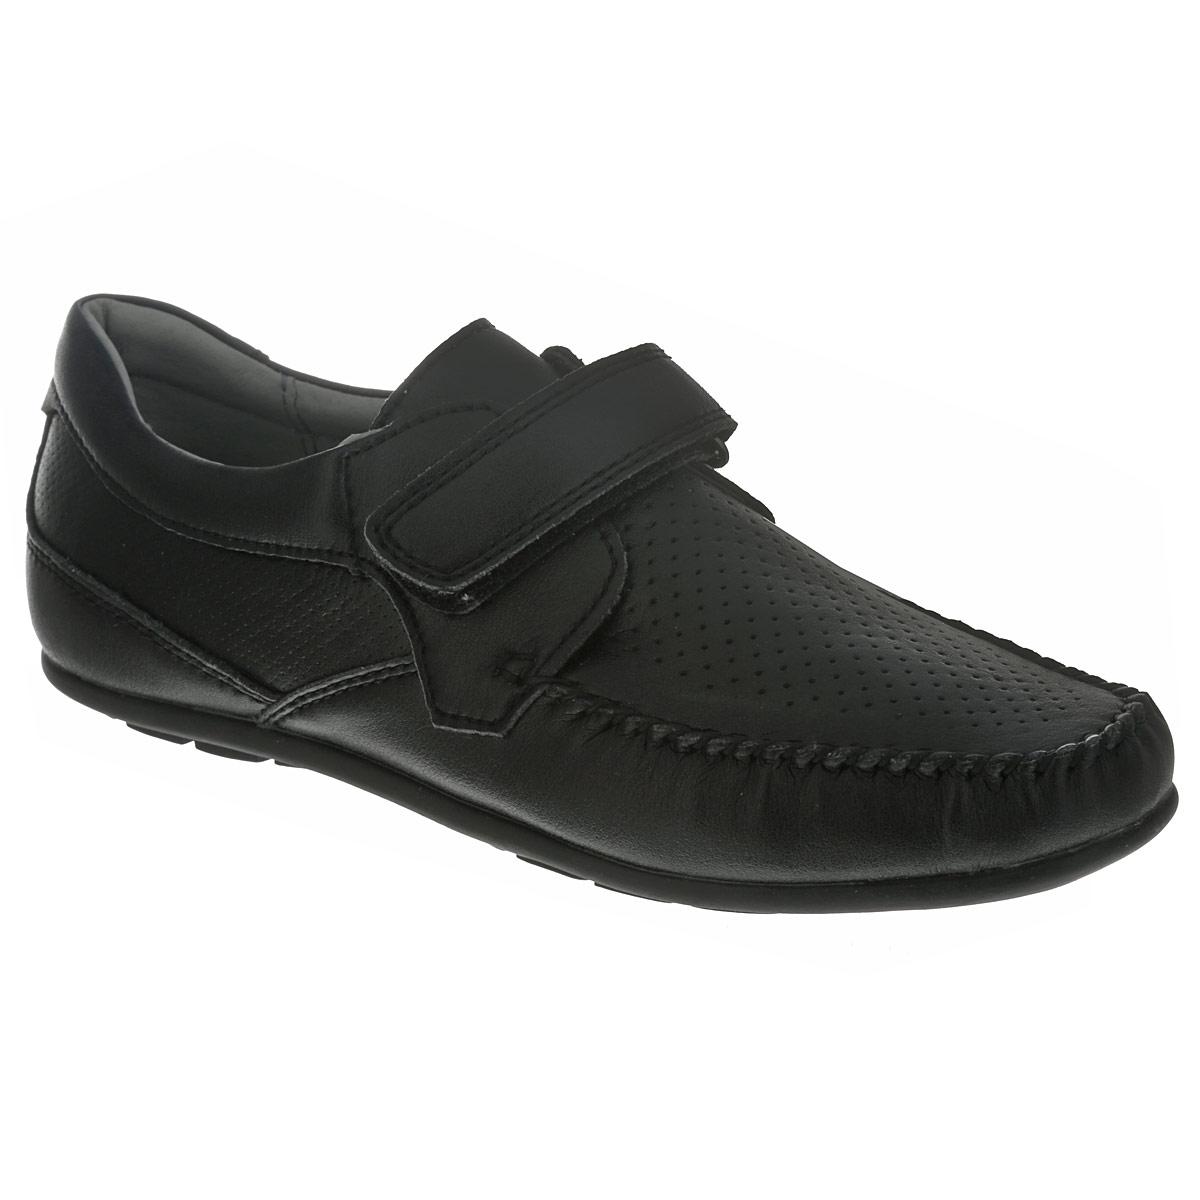 МокасиныXT4853Удобные мокасины от Flamingo покорят вашего юного модника с первого взгляда! Модель выполнена из искусственной кожи с перфорацией и оформлена на мысе декоративным внешним швом. Задник уплотнен. Ремешок на застежке-липучке, расположенный на подъеме, обеспечивает надежную фиксацию обуви на ноге. Стелька EVA с супинатором, выполненная из натуральной кожи, обеспечивает правильное положение ноги ребенка при ходьбе, предотвращает плоскостопие. Перфорация на стельке позволяет ногам дышать. Рифленая подошва гарантирует идеальное сцепление с любыми поверхностями. Стильные мокасины займут достойное место в гардеробе вашего мальчика.